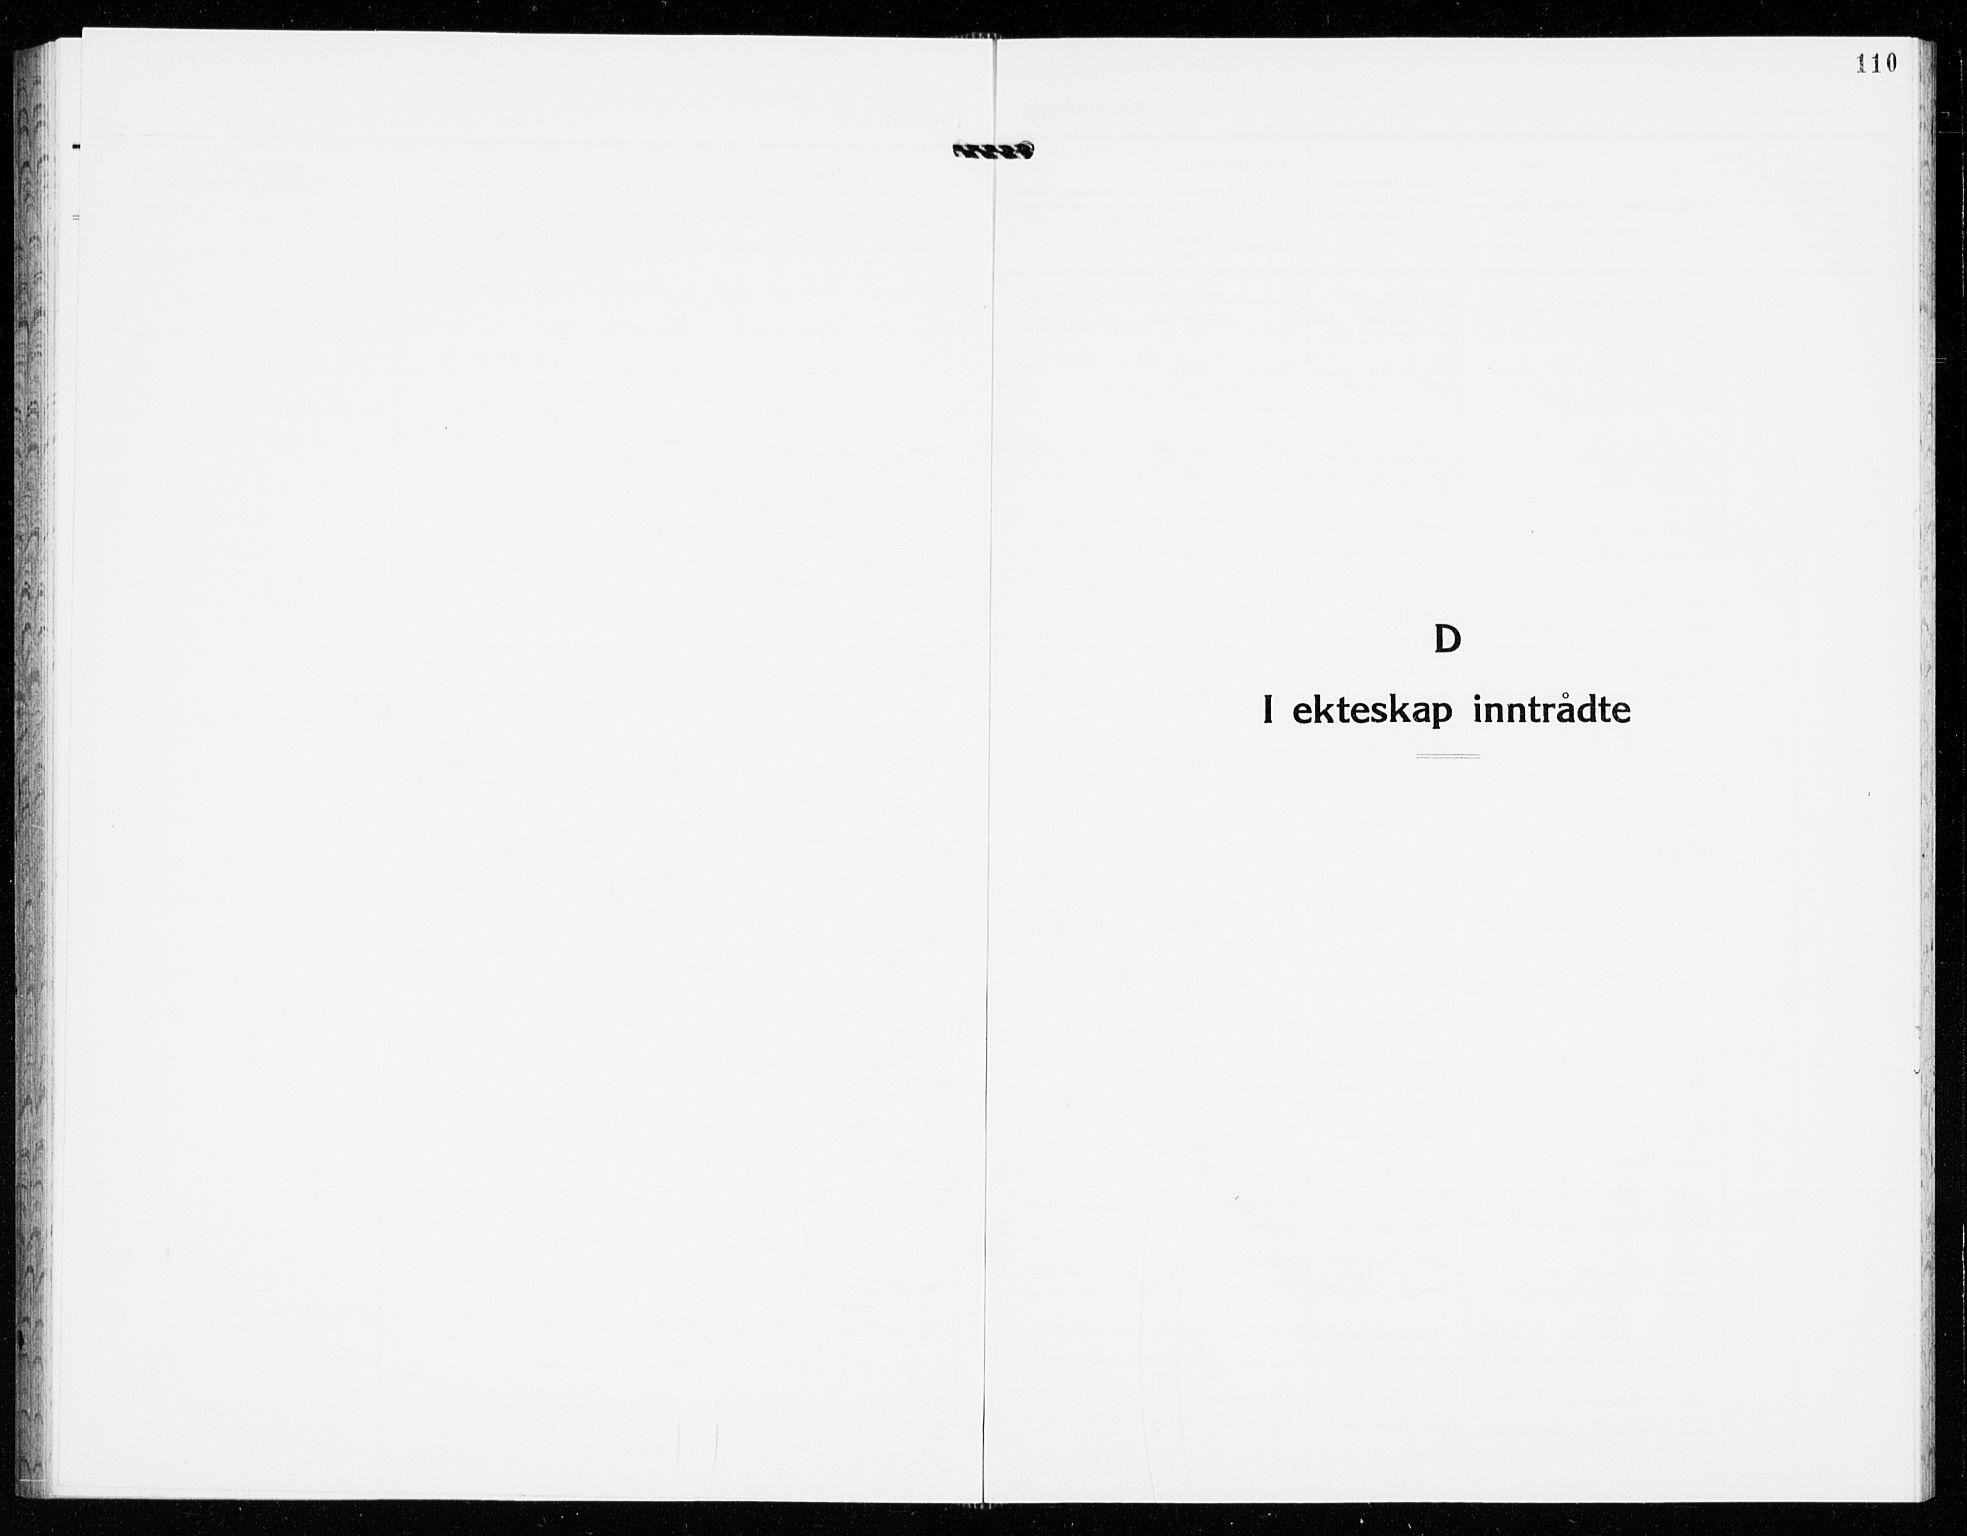 SAKO, Gjerpen kirkebøker, G/Ga/L0005: Klokkerbok nr. I 5, 1932-1940, s. 110